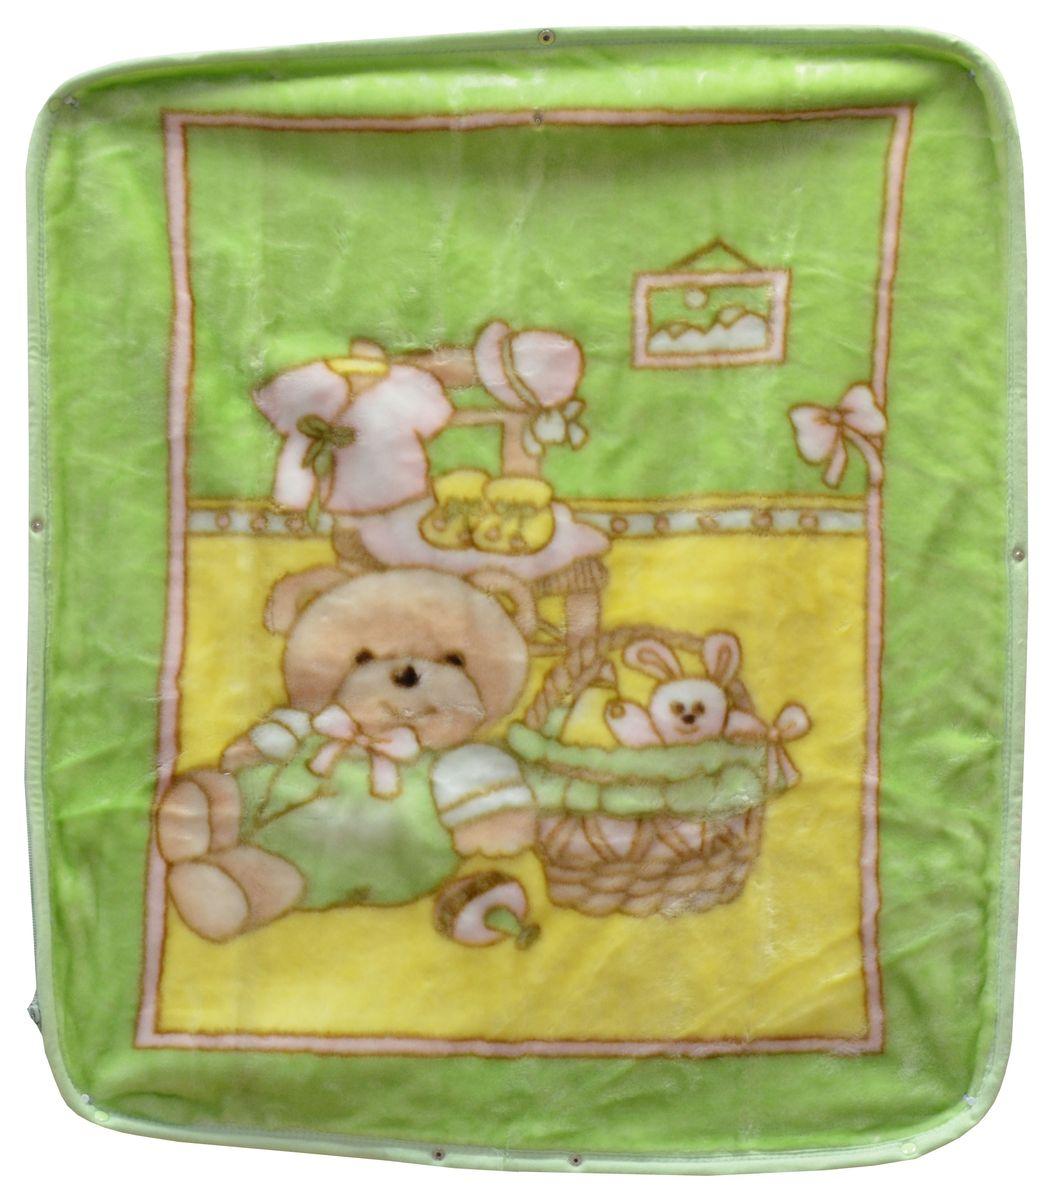 Bonne Fee Плед-накидка для младенцев на молнии 4, 80 х 90 см, цвет: зеленыйОНДК/300-зел4Плед-накидка для младенцев на молнии Bonne Fee - защита, тепло и комфорт для малышей - использован надёжный, качественный и мягкий материал! Удобство и спокойствие для родителей обеспечивается универсальностью пледа-накидки, конструкция которого позволяет ему легко превращаться в конвертик. Отличное качество и практичность! Любите своего ребёнка и дарите ему лучшее!